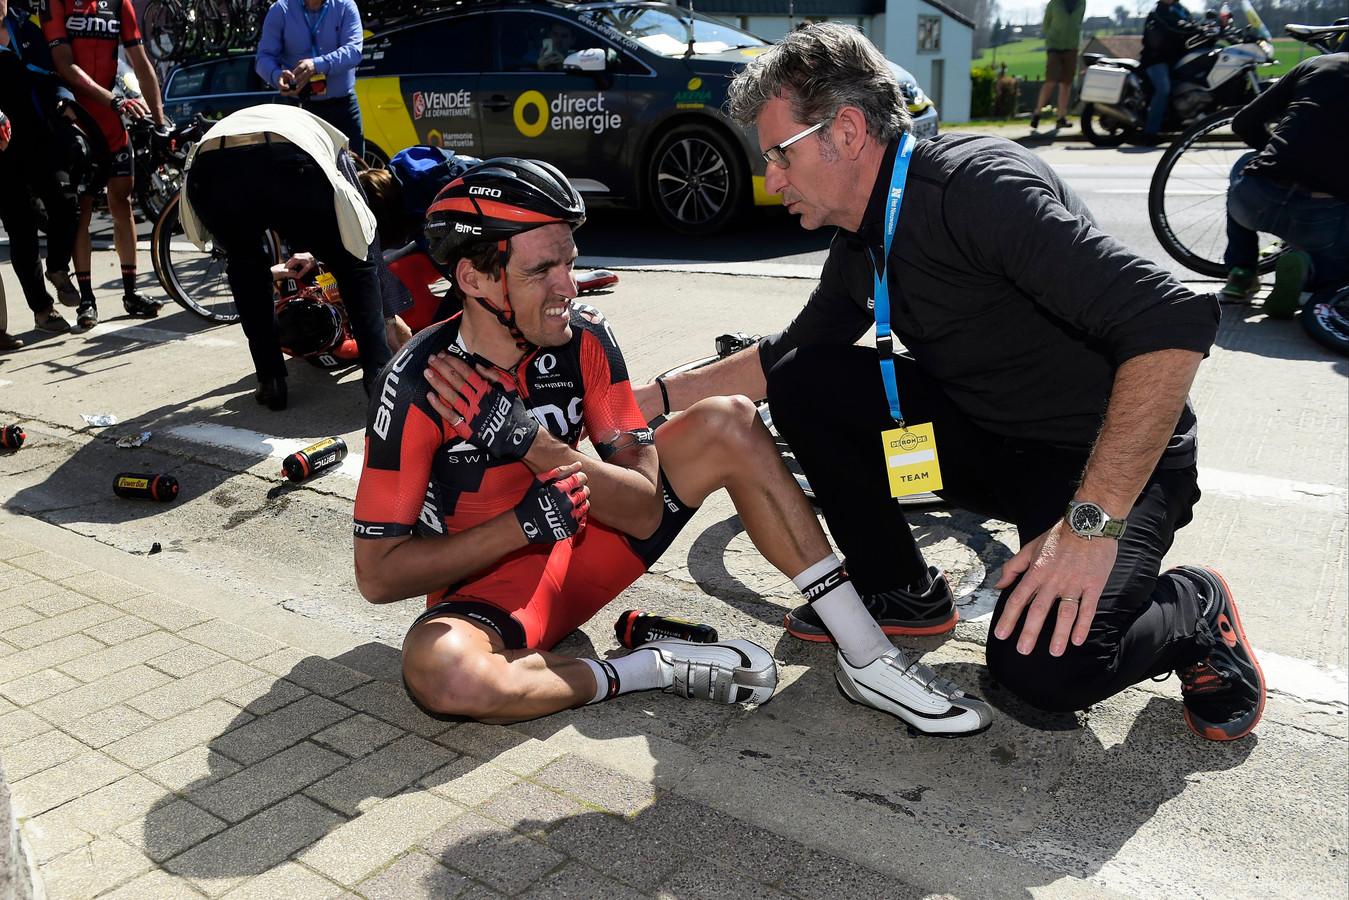 Tour des Flandres 2016: grand favori, Greg Van Avermaet chute et se fracture la clavicule.